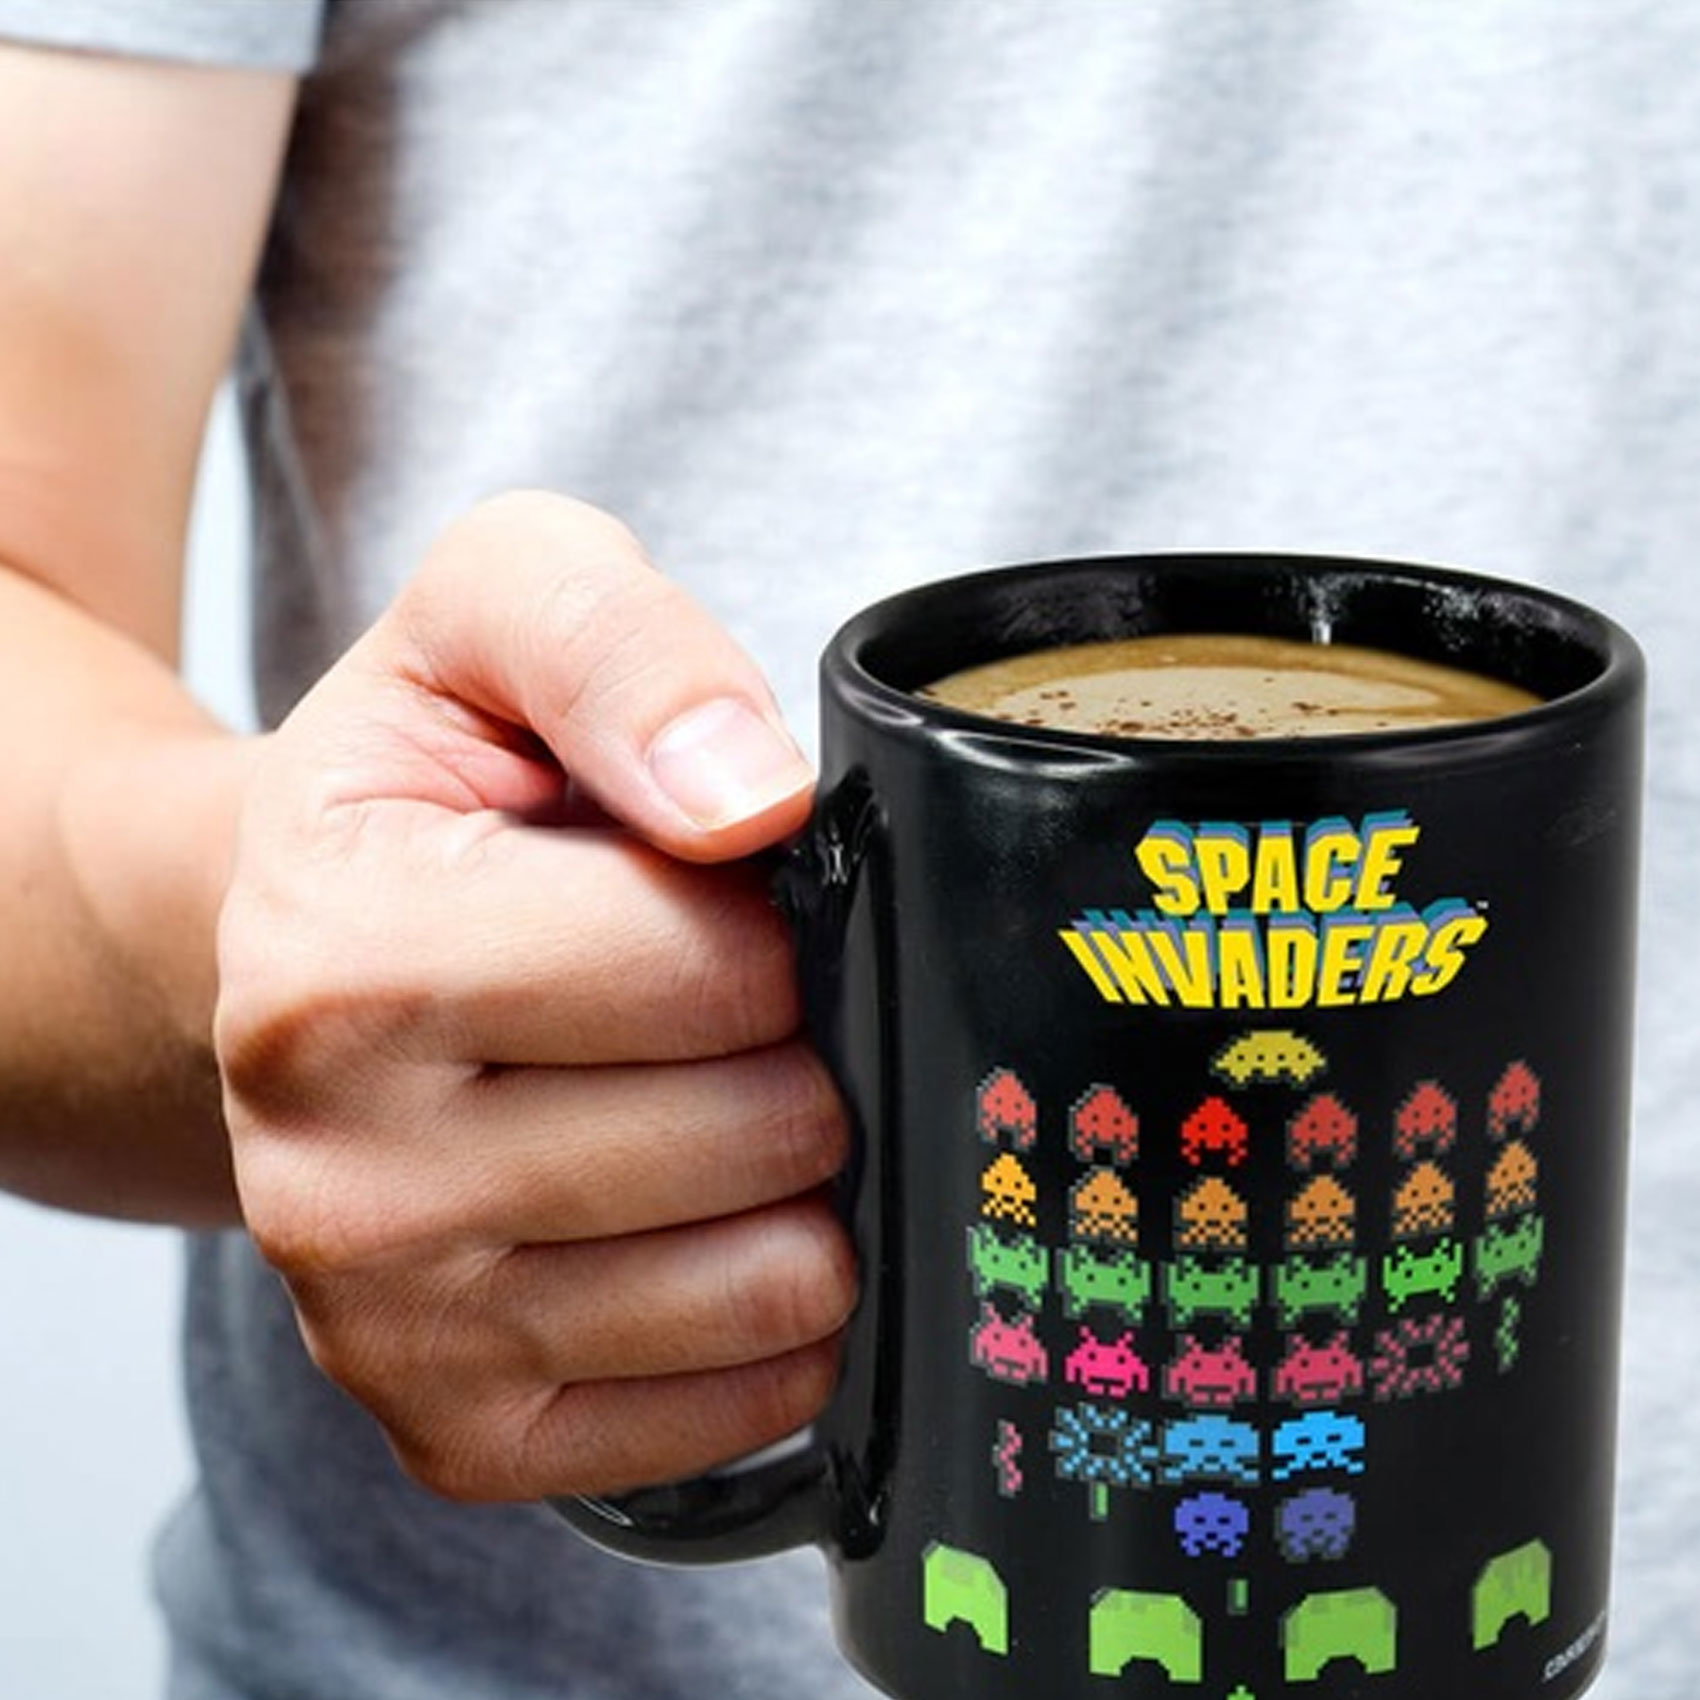 Space Invaders Heat Sensitive Color Changing Mug - Black